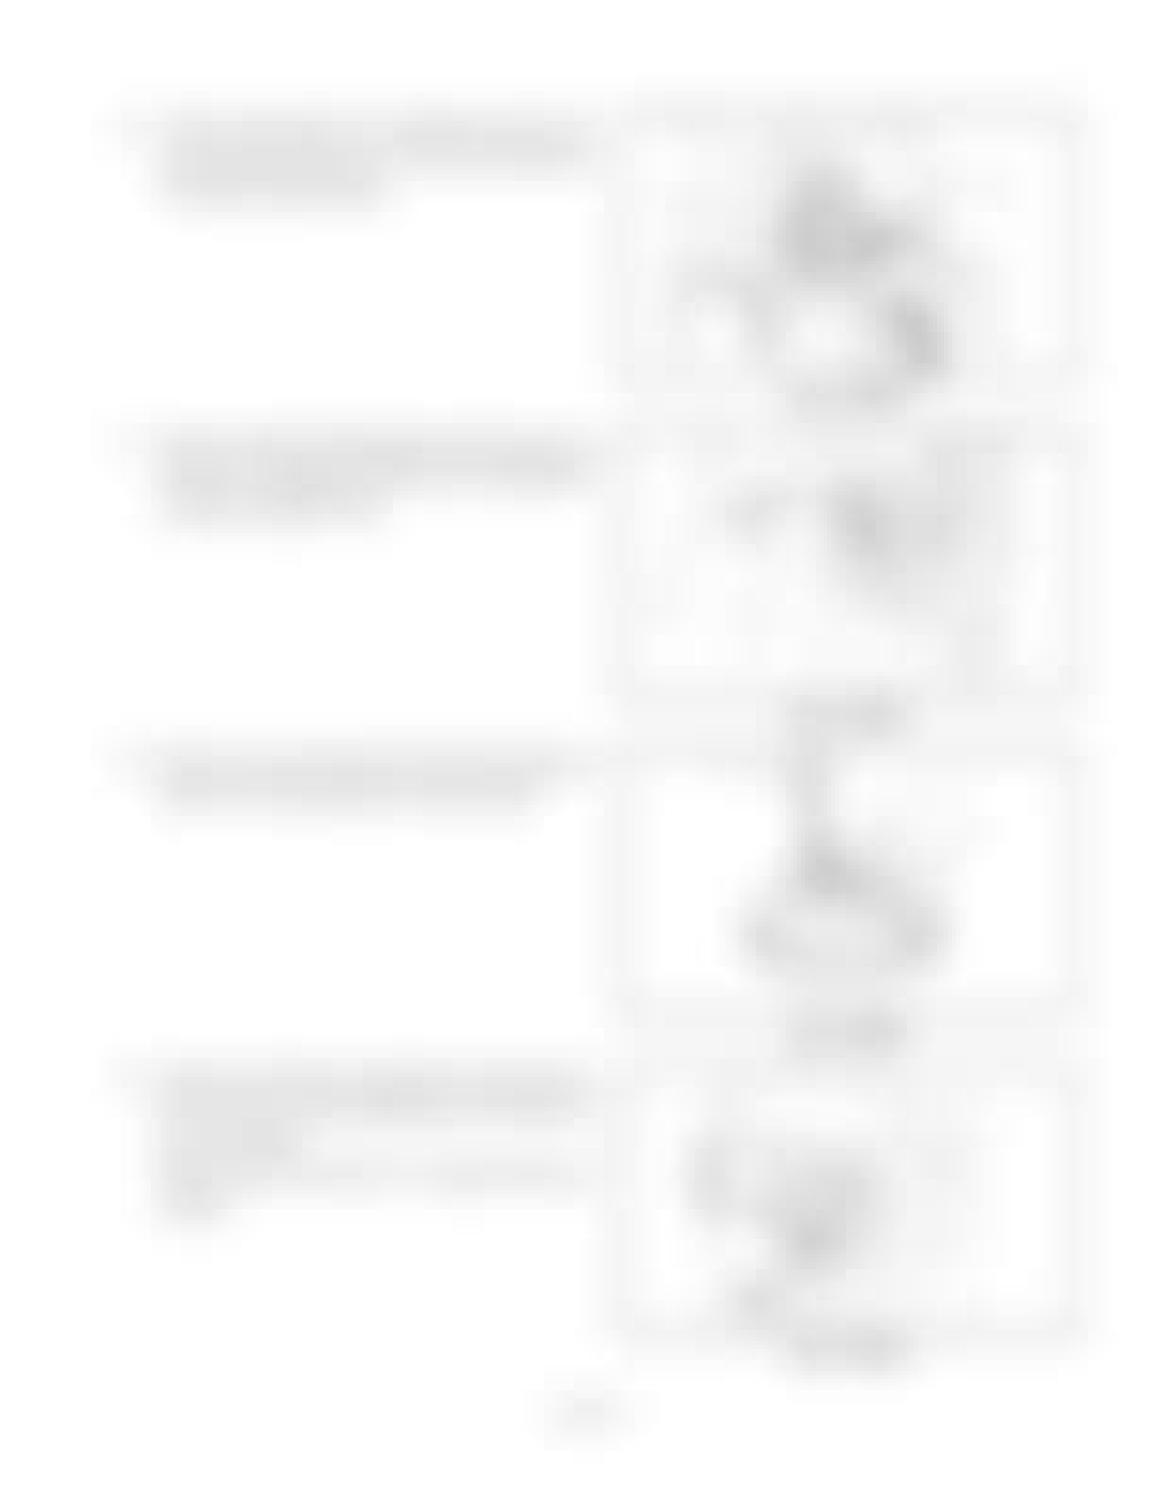 Hitachi LX110-7 LX130-7 LX160-7 LX190-7 LX230-7 Wheel Loader Workshop Manual - PDF DOWNLOAD page 109